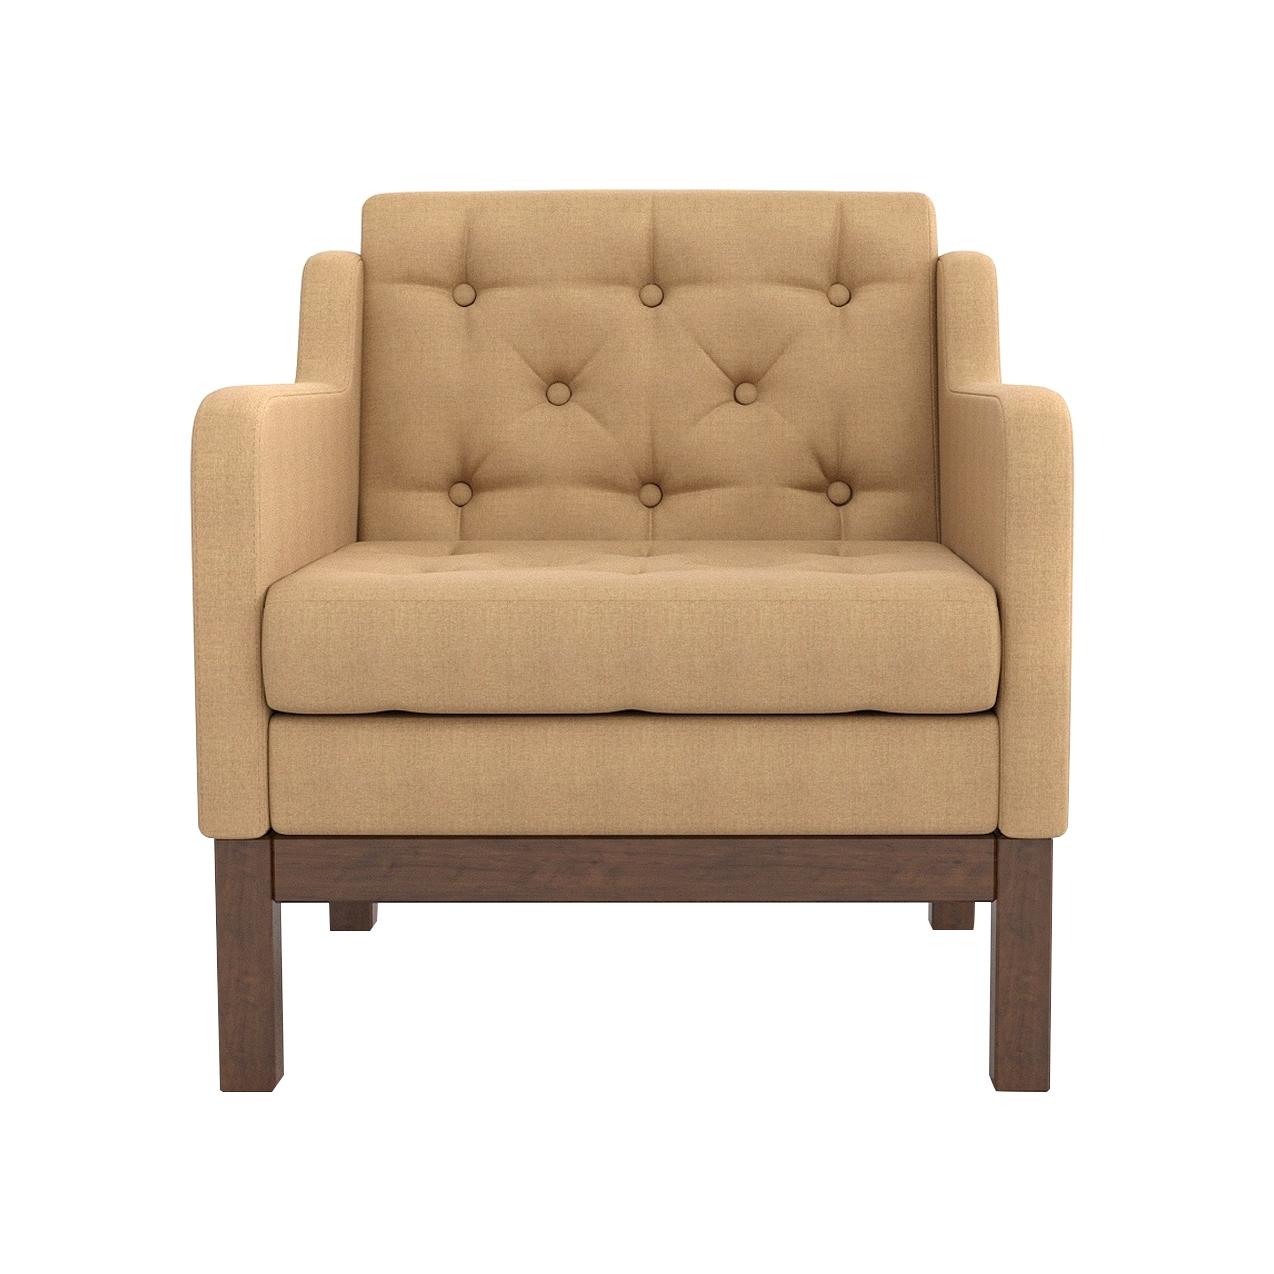 Кресло AS Алана 75.5x82x83 орех/бежевый фото